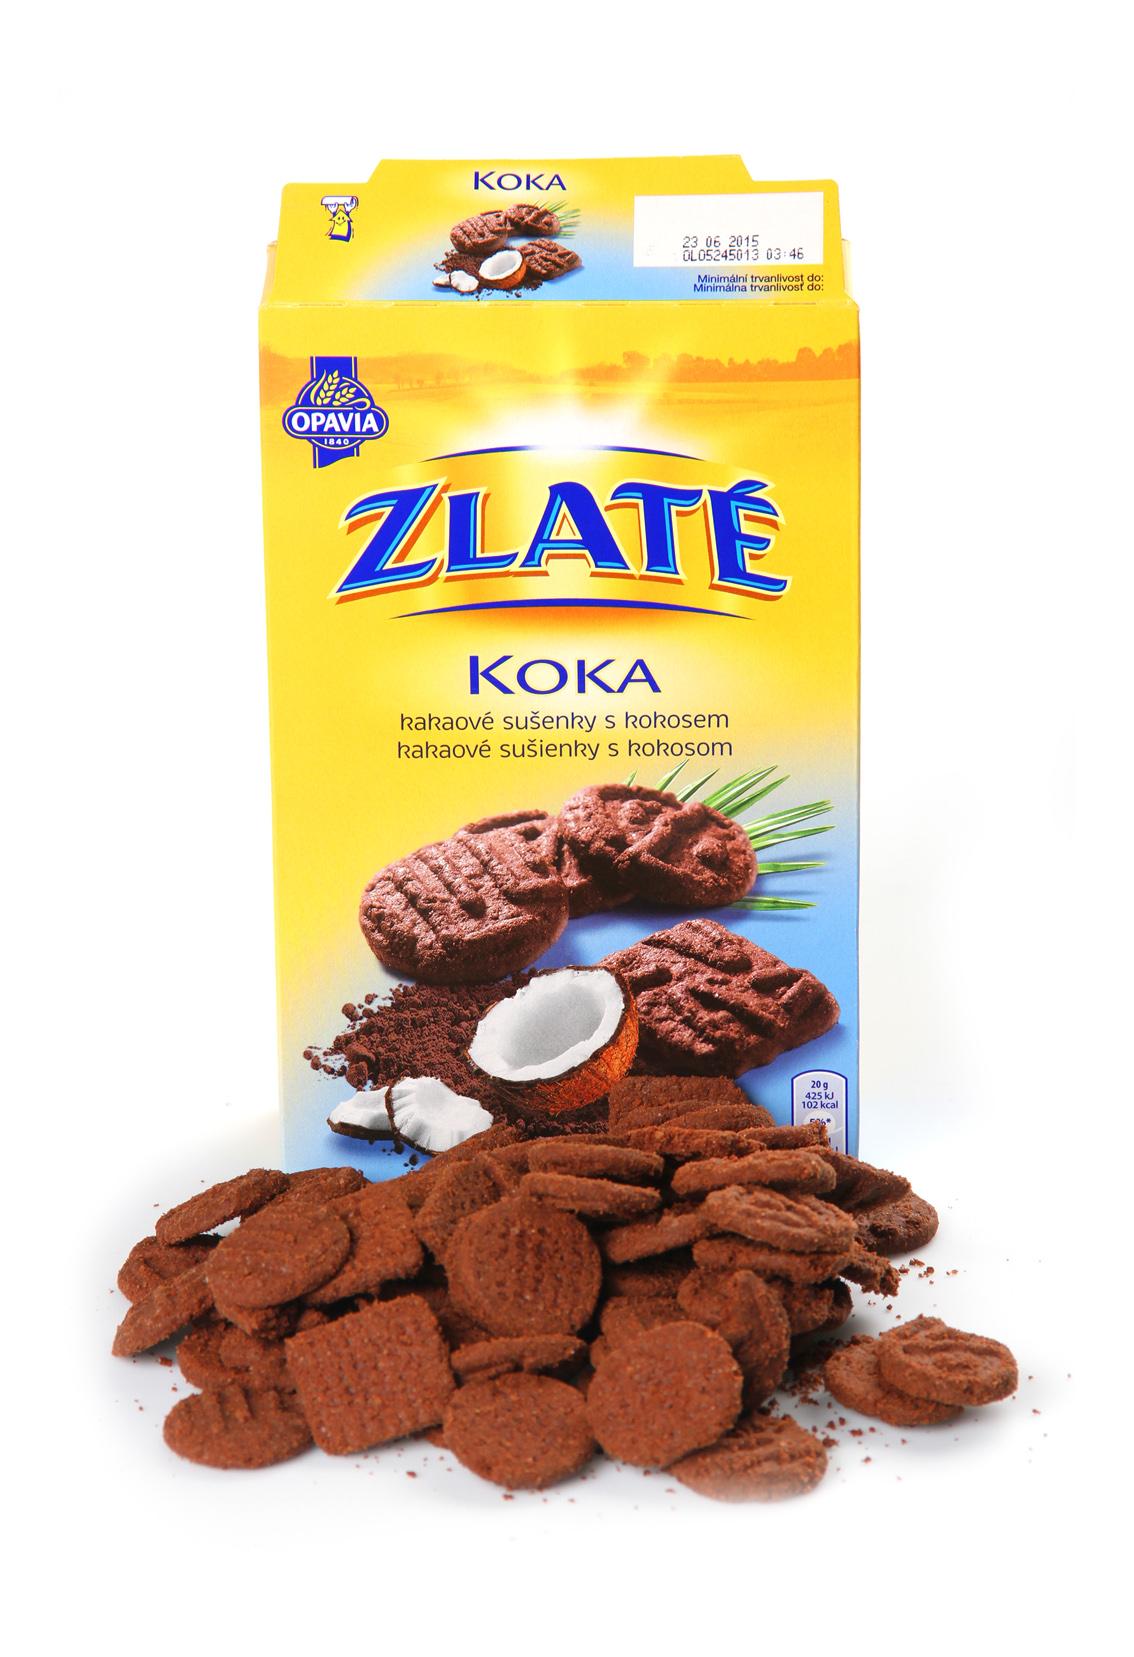 Zlaté Koka, sušenky s kokosem